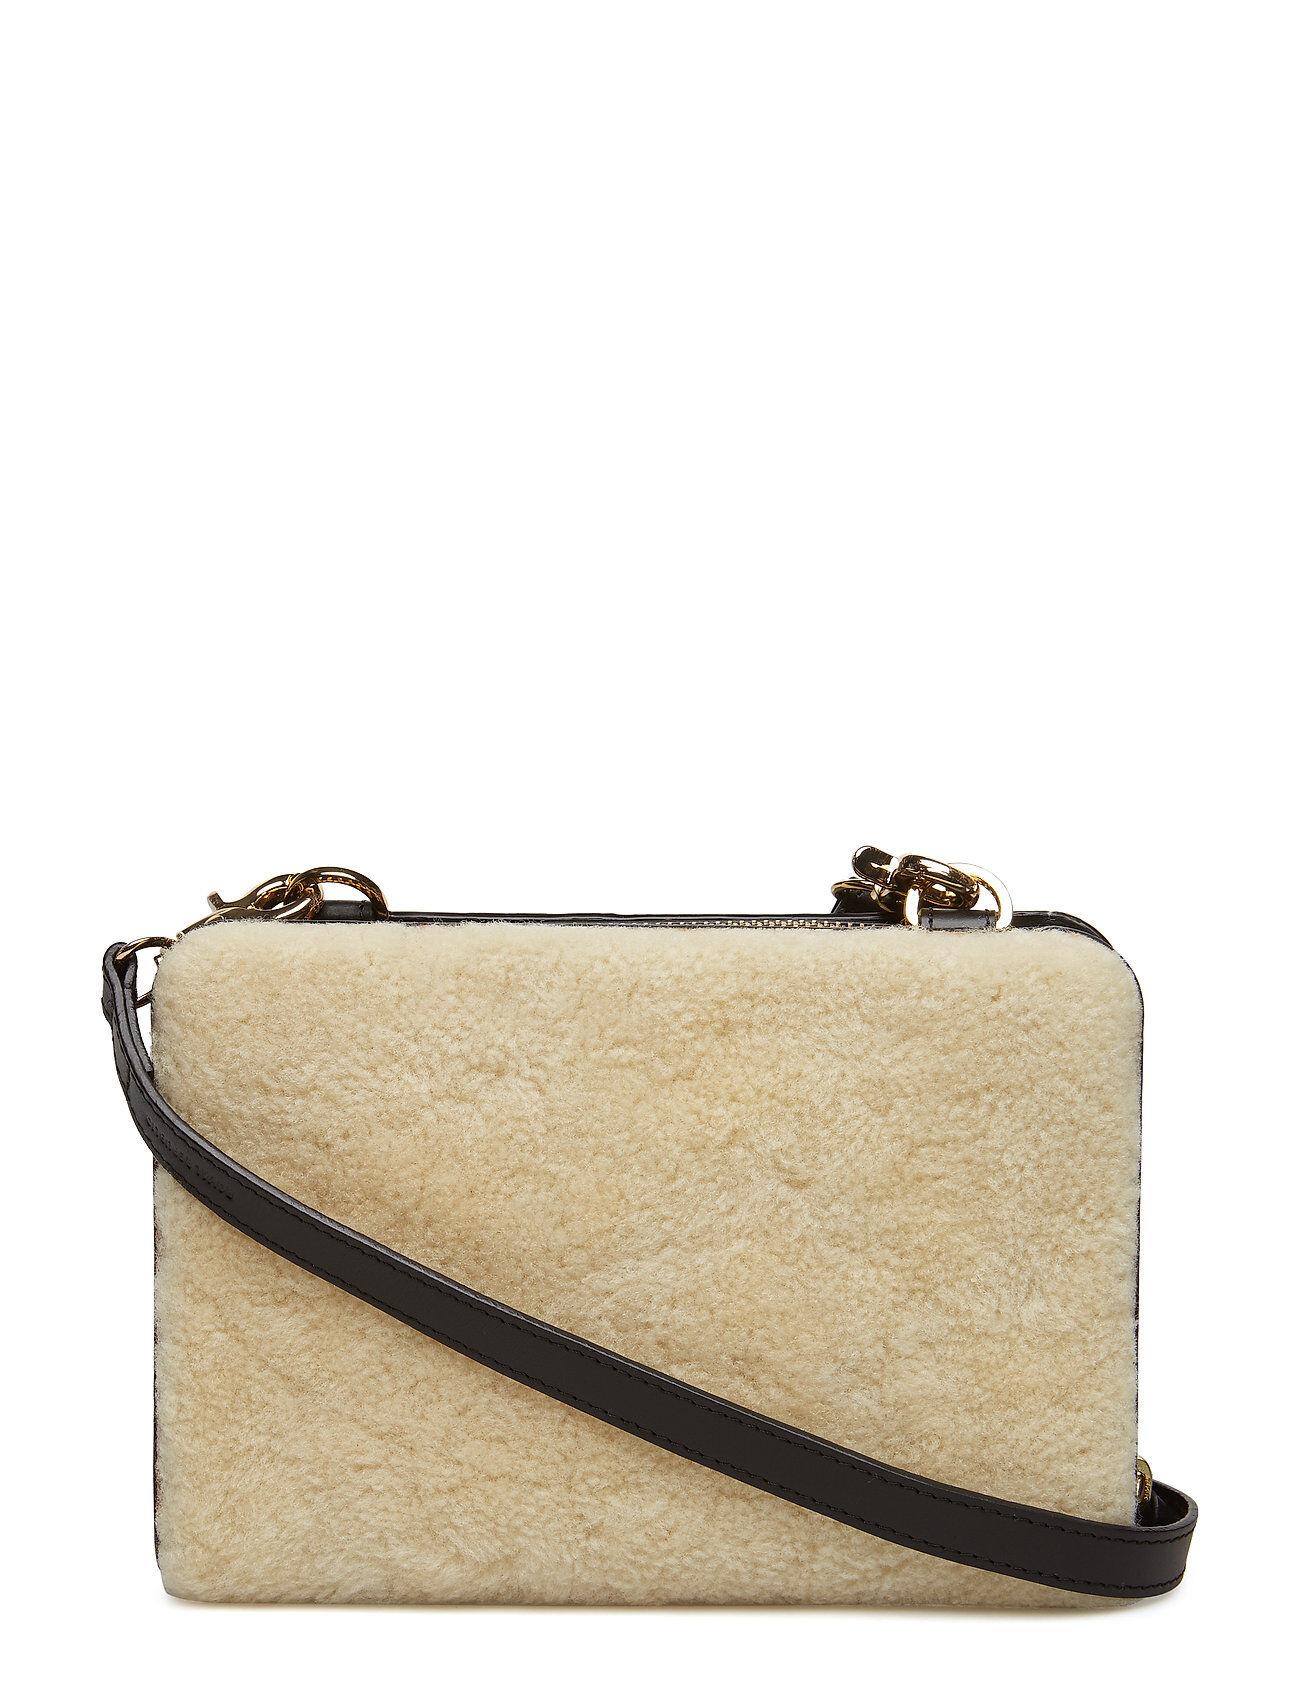 Royal RepubliQ Galax Evening Bag / Natural Shearling